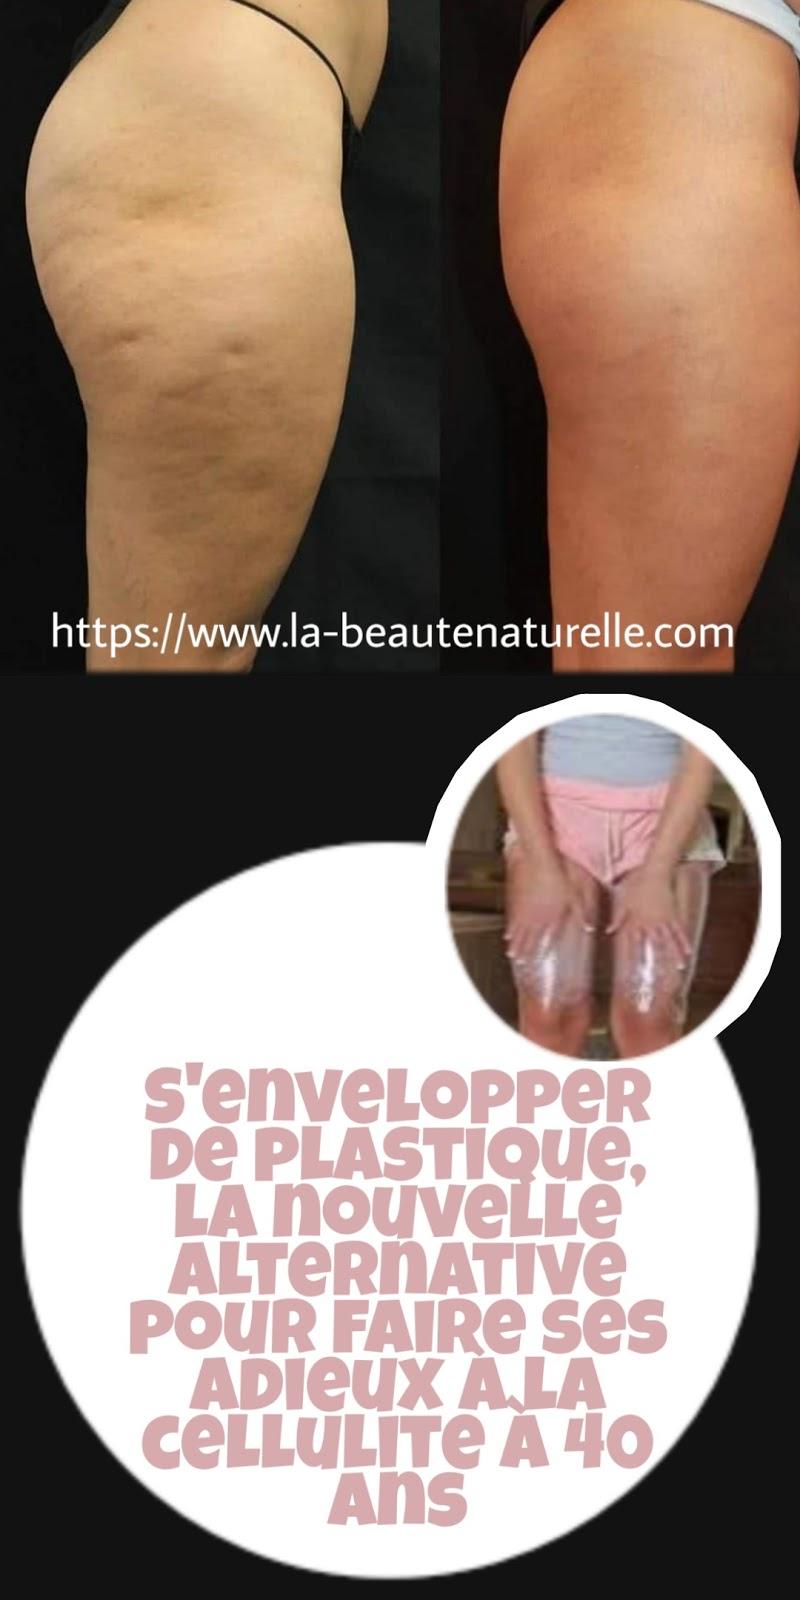 S'envelopper de plastique, la nouvelle alternative pour faire ses adieux à la cellulite à 40 ans